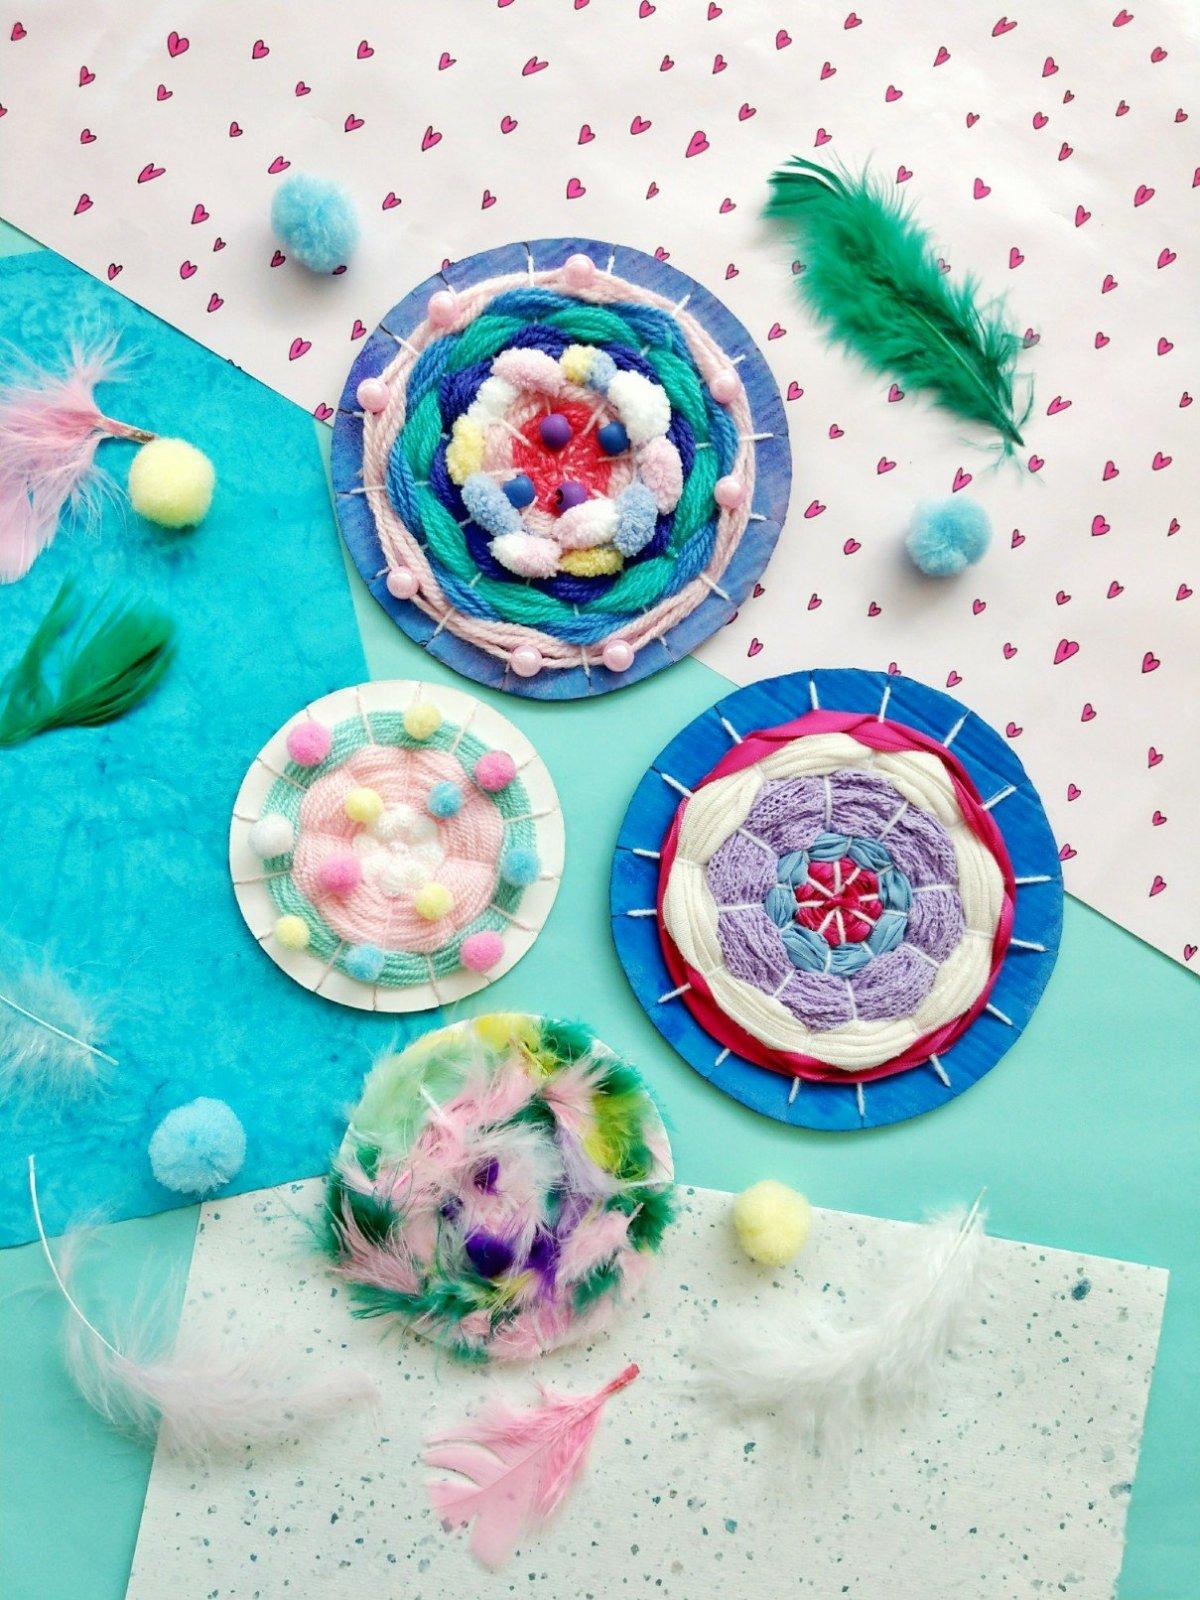 Tolle Anleitung und Ideensammlung zum weben mit Kindern. Wenn ihr mal wieder nicht wisst wie ihr euer Kind beschäftigen sollt, schneidet doch einfach einen Kreis aus Karton und lässt es ein schönes Webbild machen. Tolle Geschenkidee für die Oma.